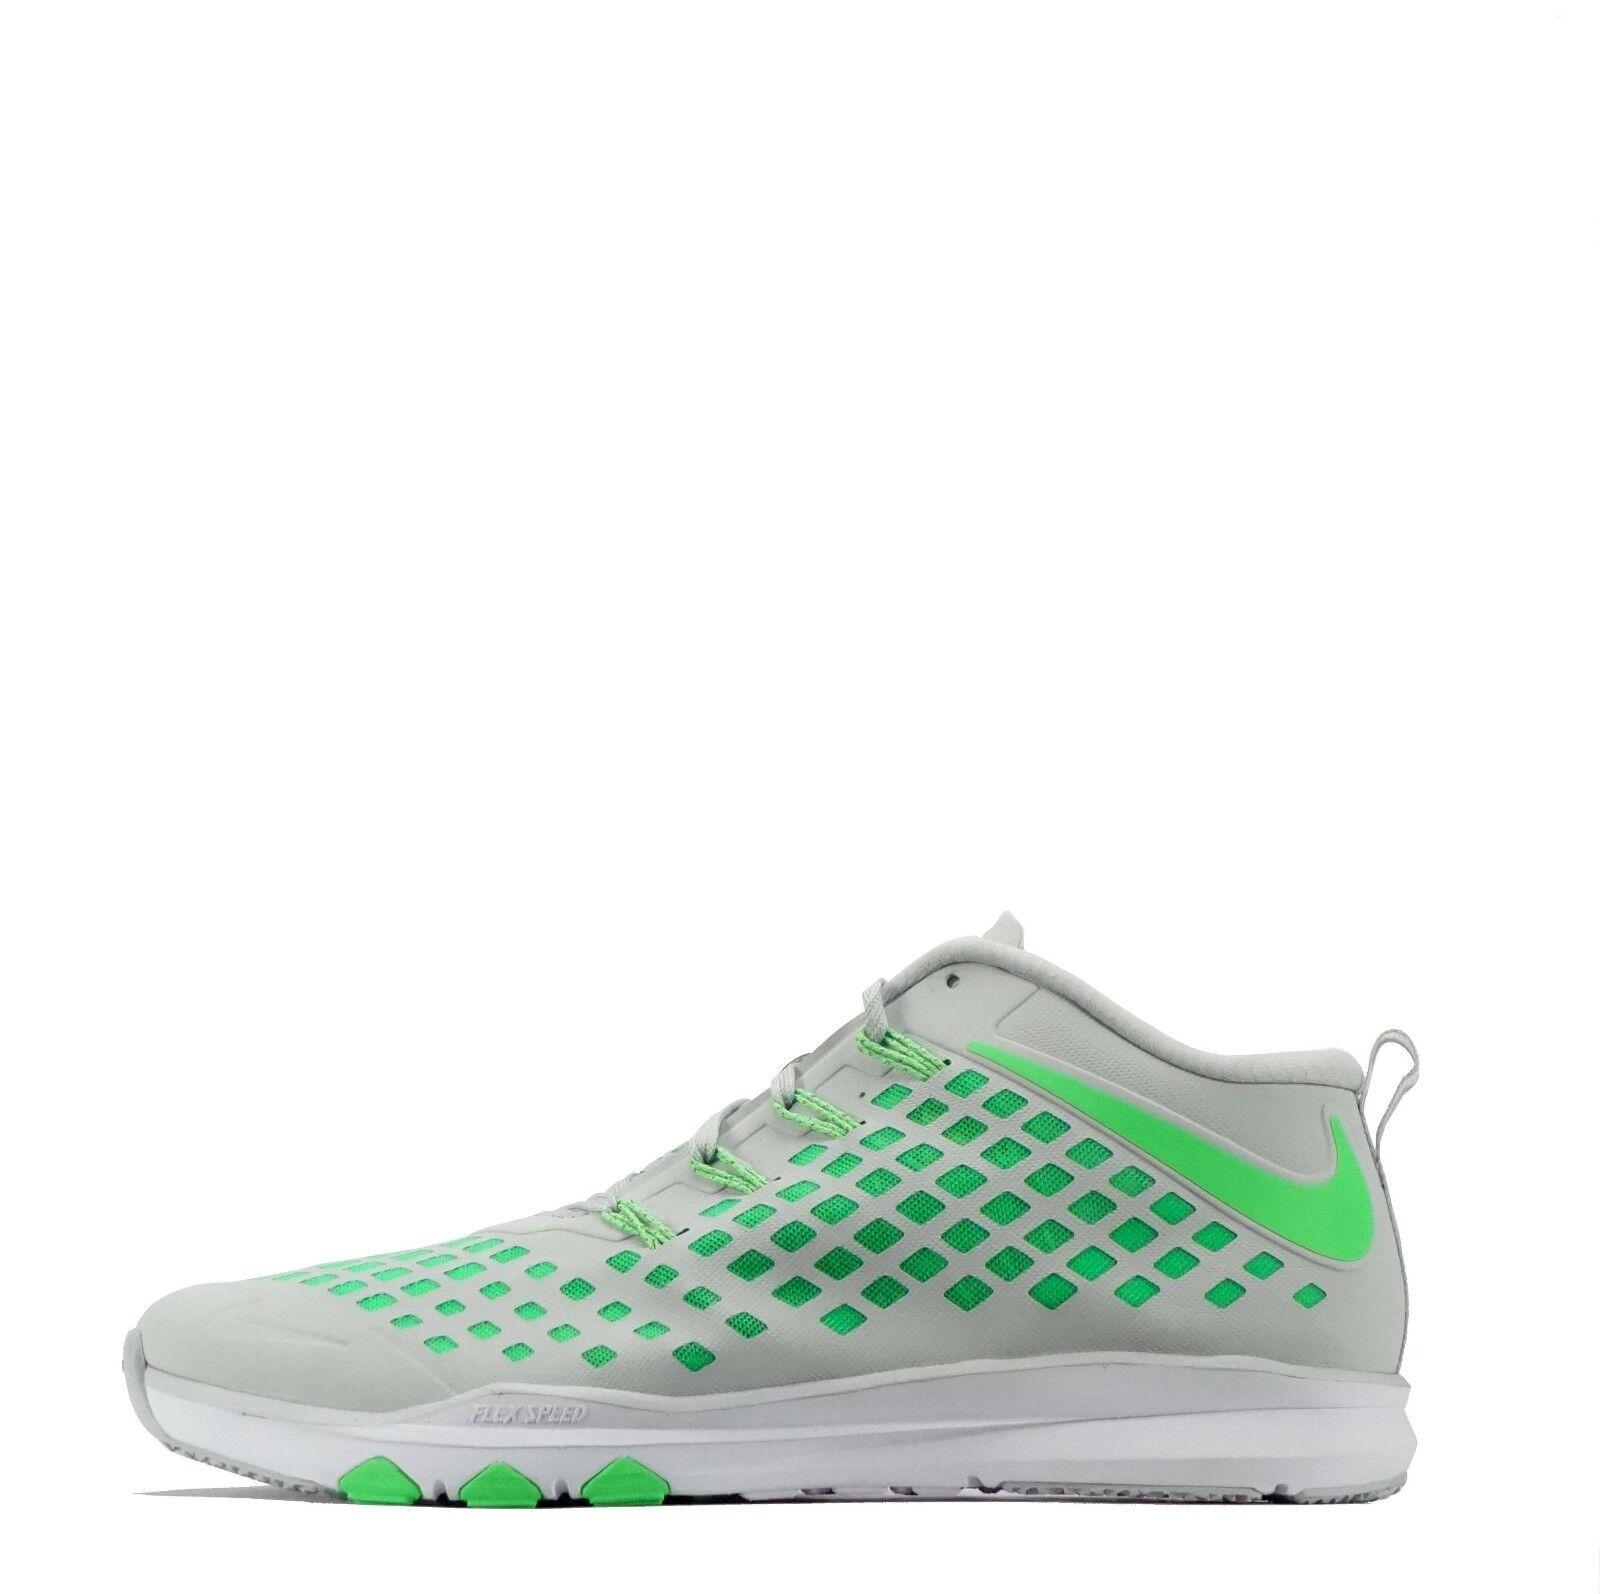 Nike tren rápido para Hombres con Cordones Zapatos deportivos de entrenamiento de baja altura en Platino Puro